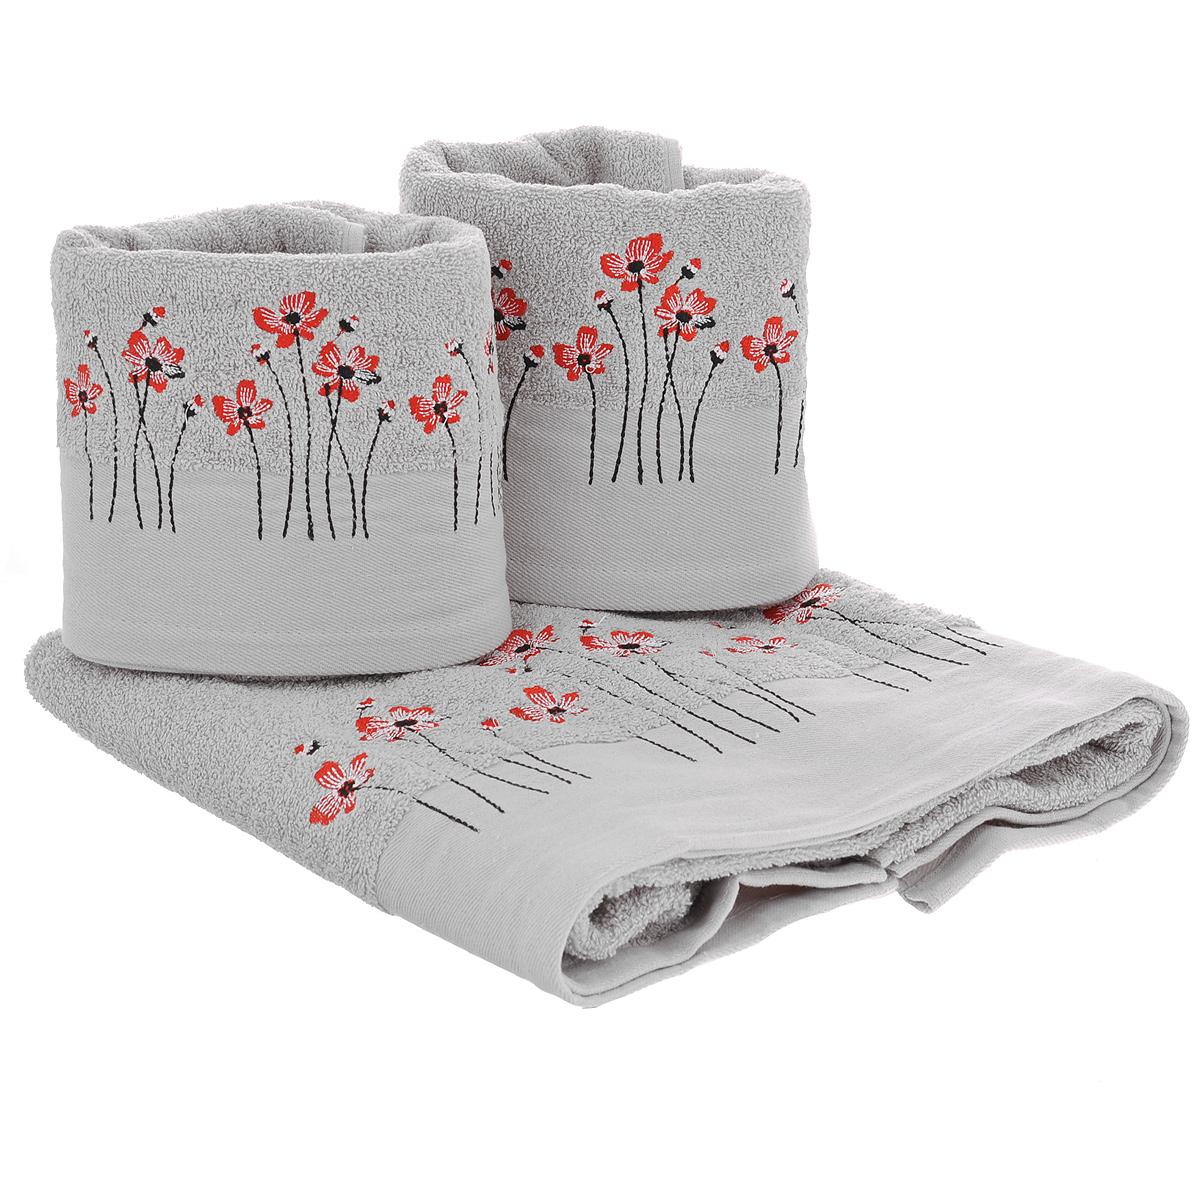 Набор махровых полотенец Красные цветы, цвет: серый, 3 штBailixin7Набор Красные цветы состоит из трех полотенец разного размера, выполненных из натуральной махровой ткани. Полотенца украшены изящной вышивкой в виде цветов. Мягкие и уютные, они прекрасно впитывают влагу и легко стираются. Такой набор подарит массу положительных эмоций и приятных ощущений. Рекомендации по уходу: - не следует стирать вместе с изделиями из полиэстра или другого синтетического материала, - стирать при температуре 40-50°С, - химчистка запрещена, - не рекомендуется отбеливать, - сушить в деликатном режиме. Размер полотенец: 50 см х 90 см (2 шт), 70 см х 140 см (1 шт).